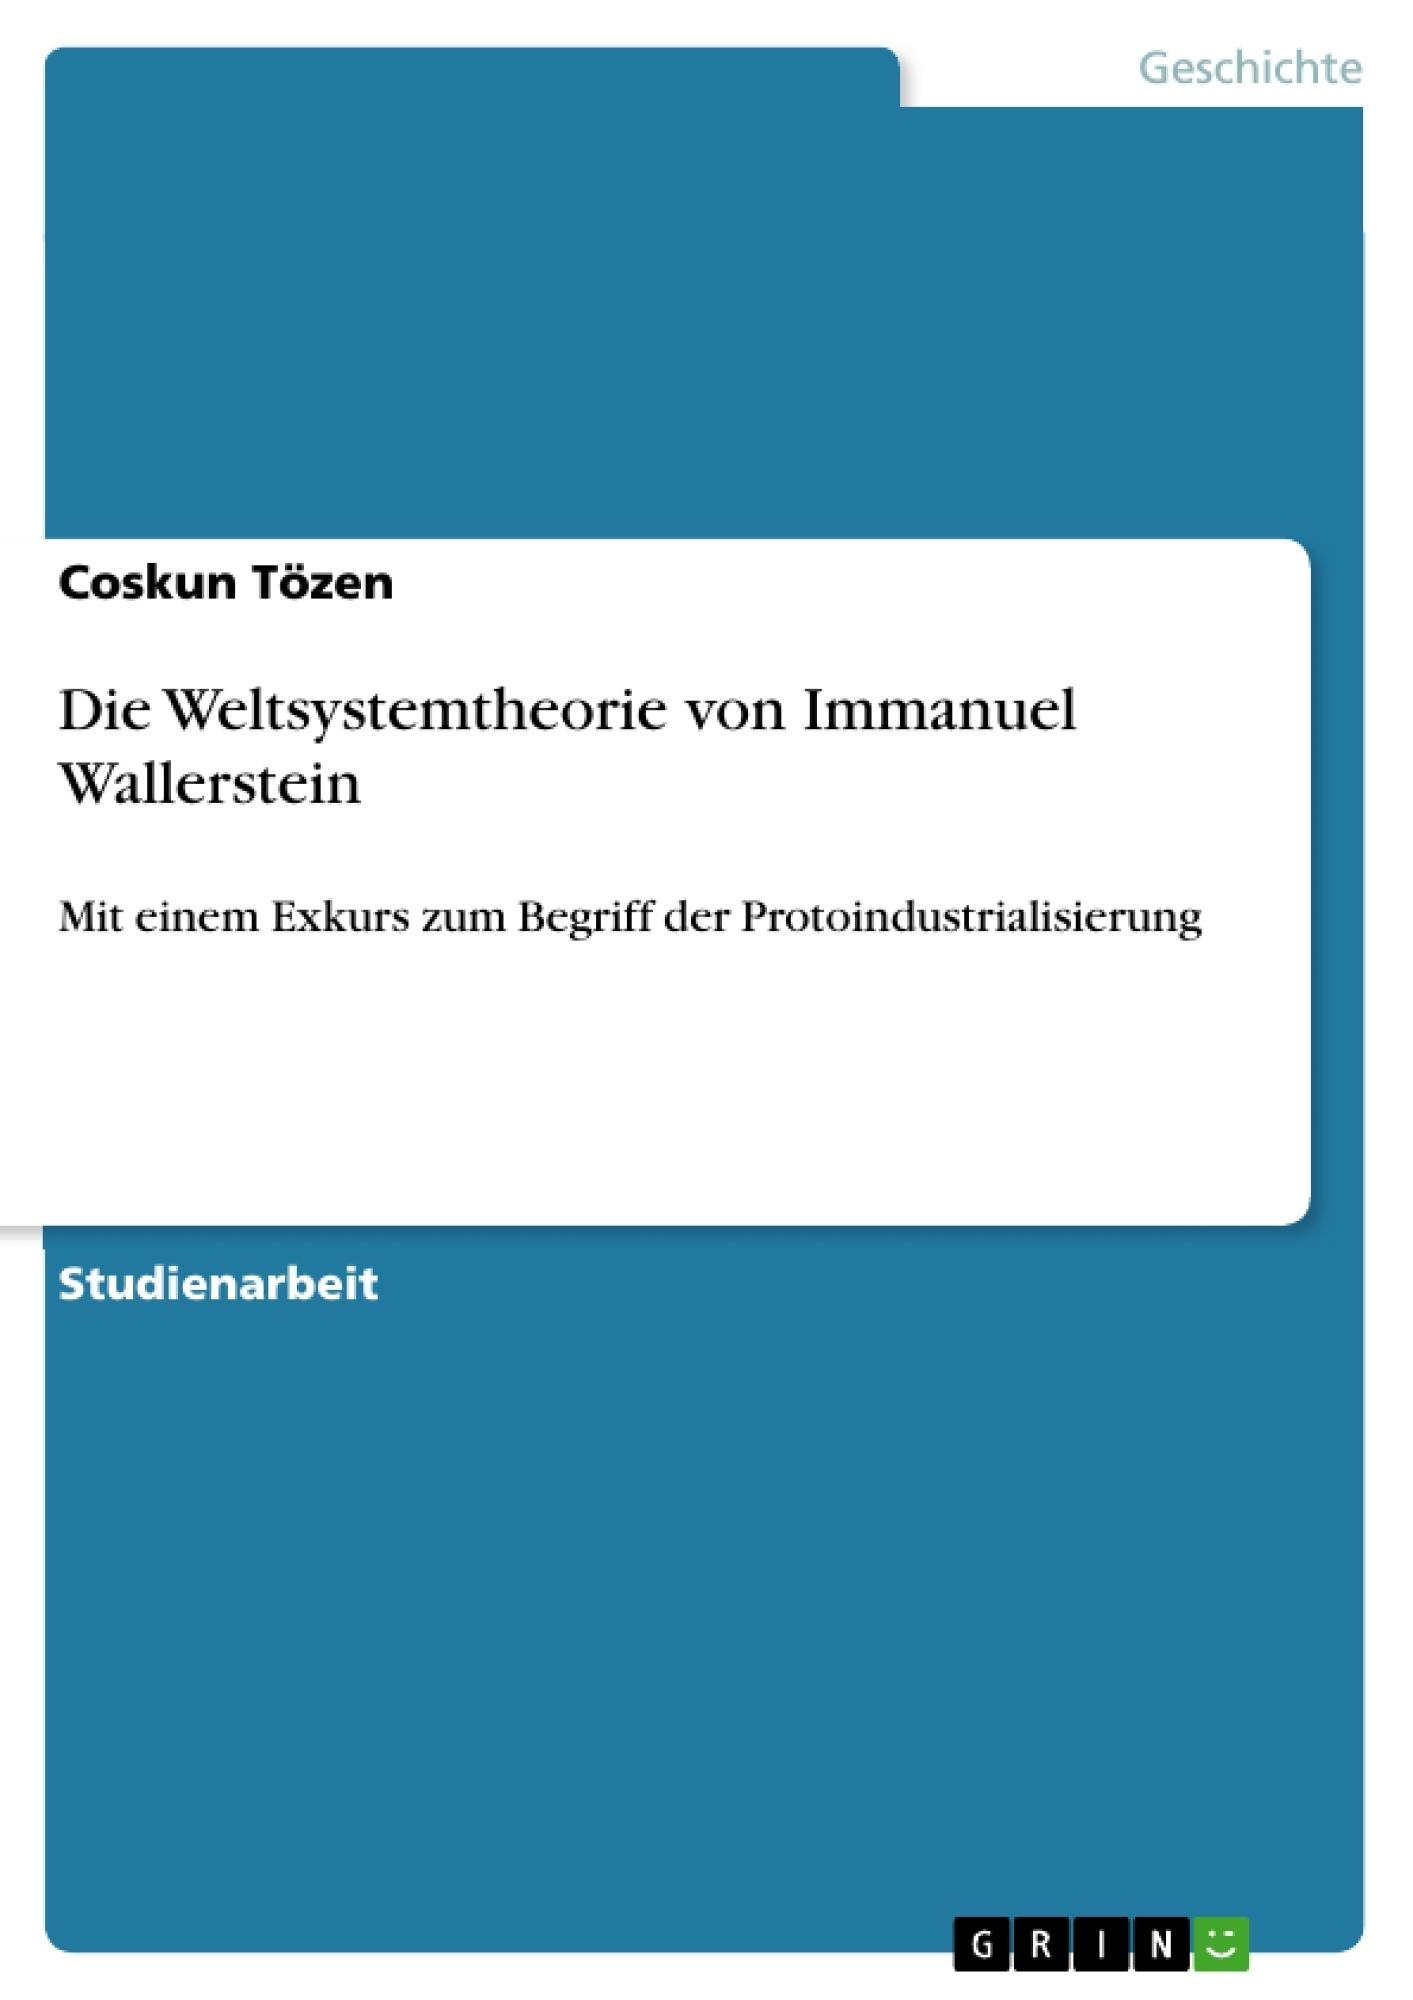 Titel: Die Weltsystemtheorie von Immanuel Wallerstein